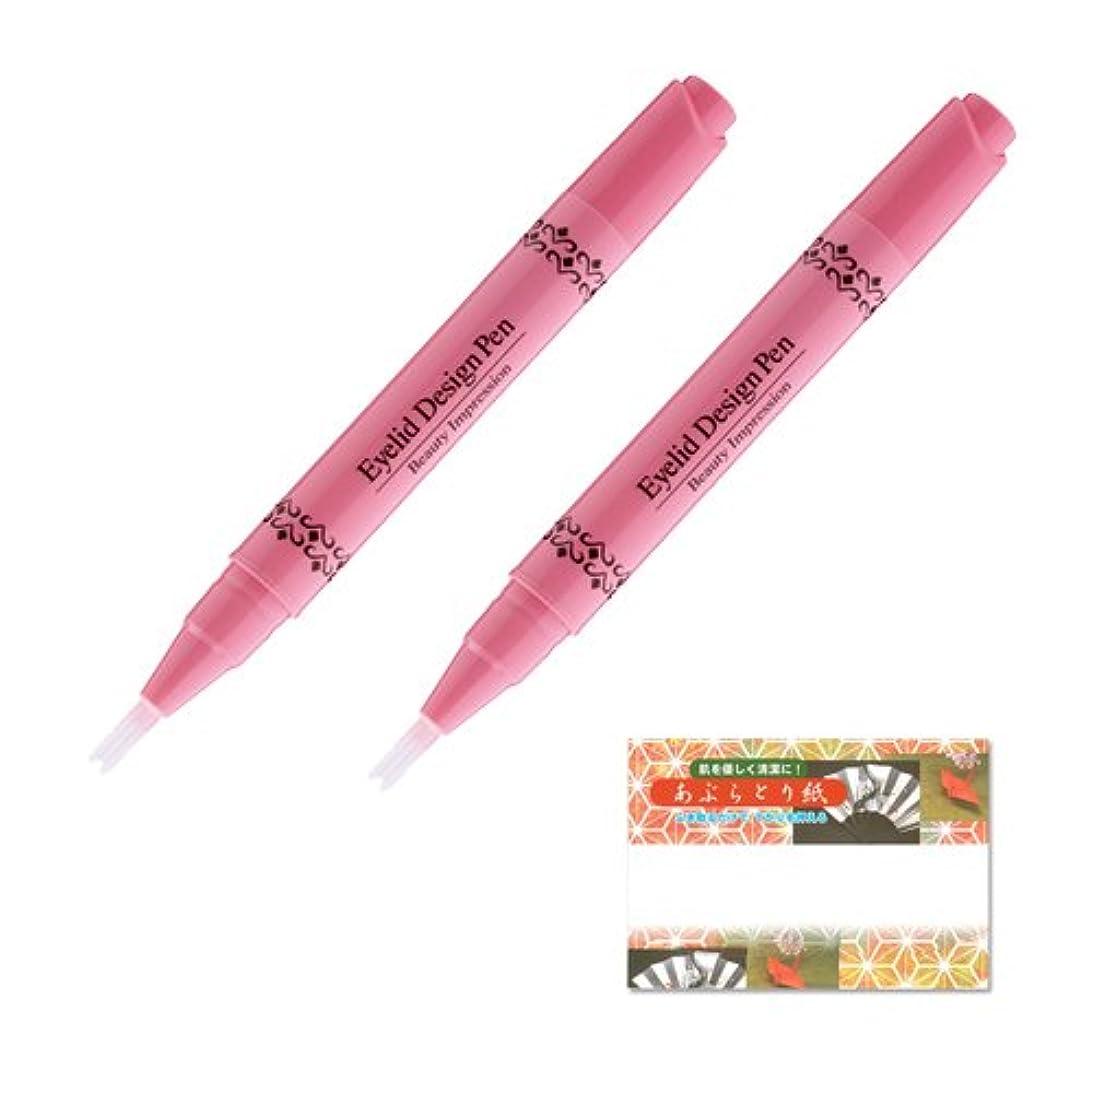 嘆願経過がんばり続けるBeauty Impression アイリッドデザインペン 2ml (二重まぶた形成化粧品) ×2組 油取り紙のセット